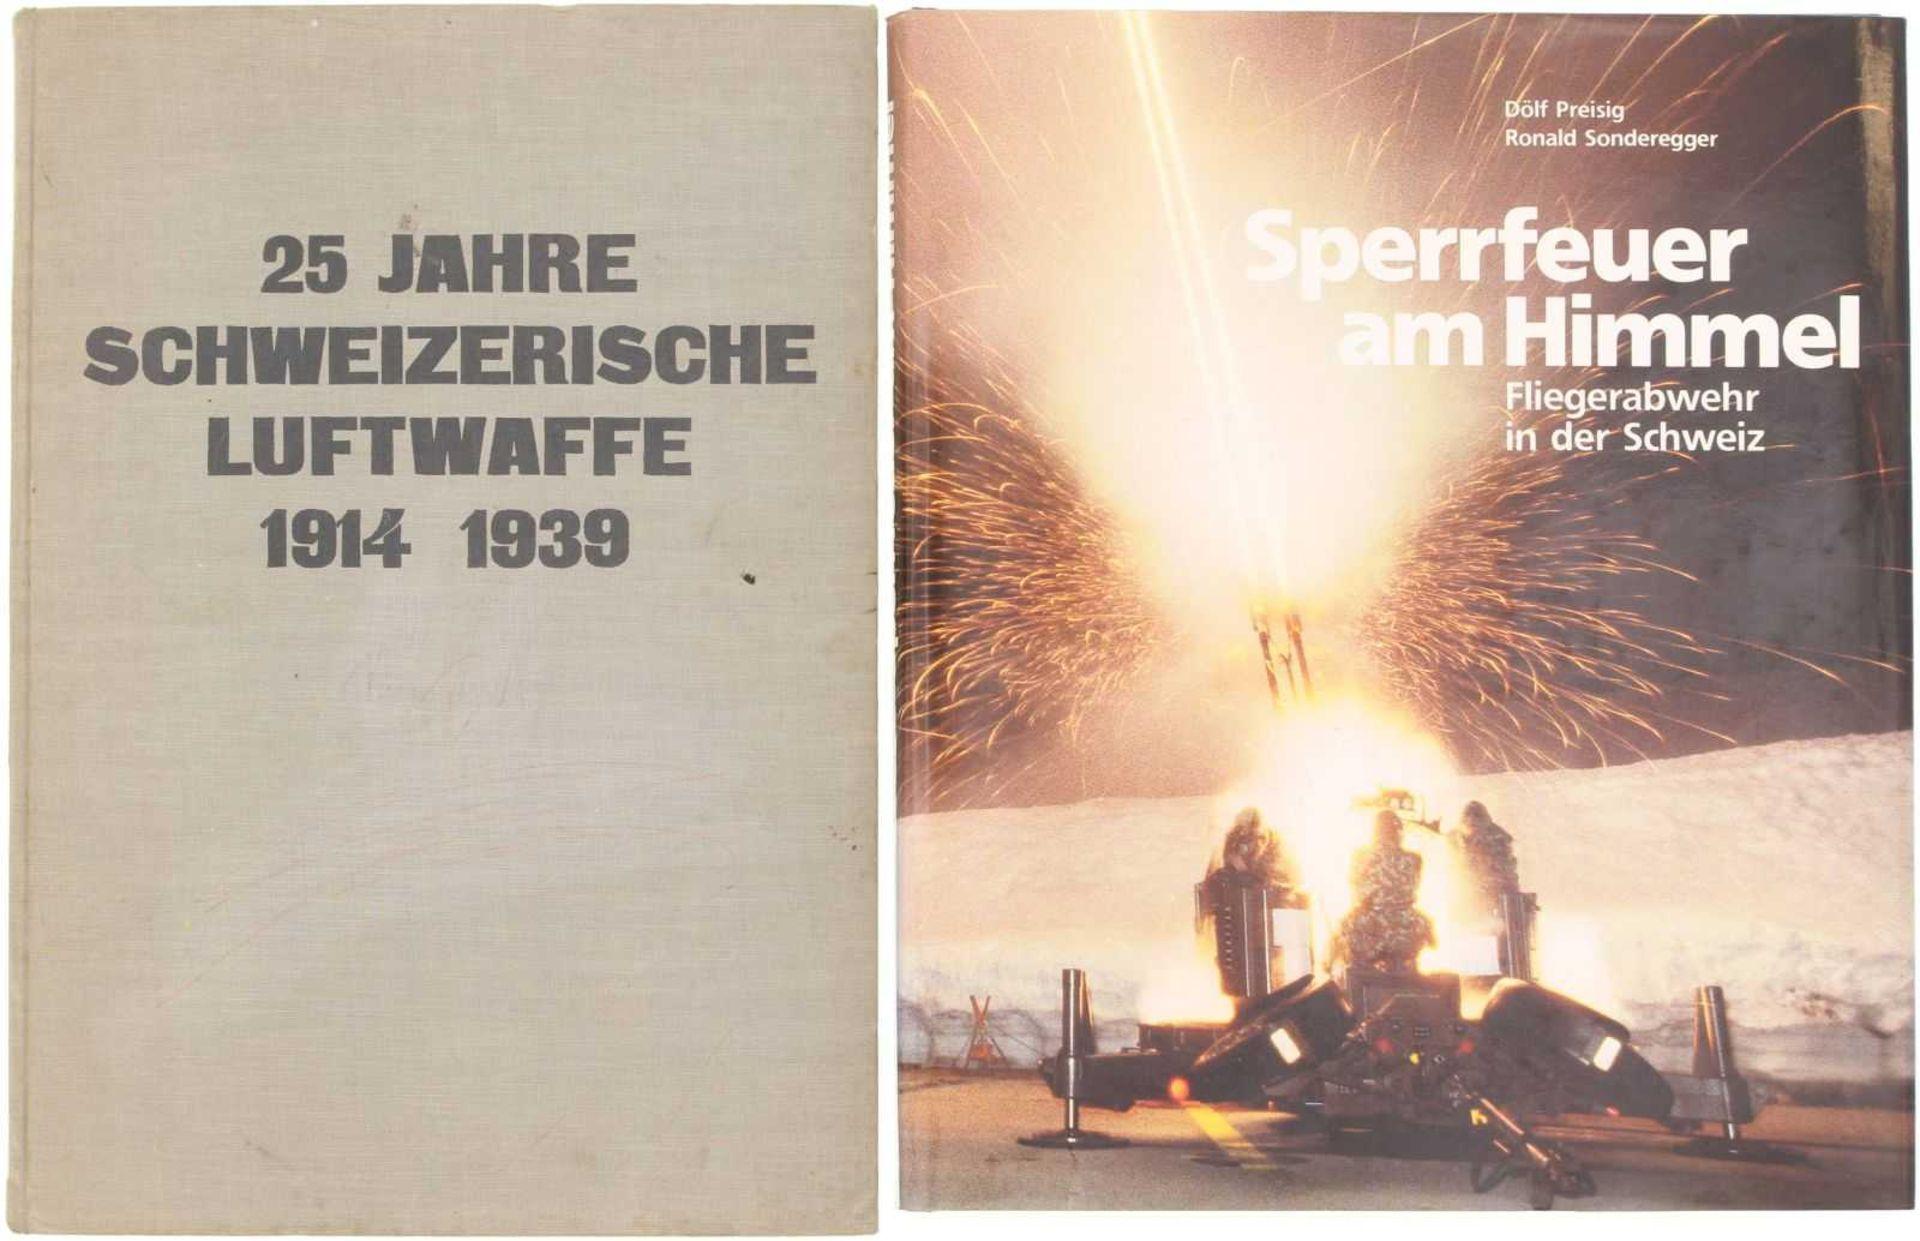 Konvolut von 2 Büchern 1. 25 Jahre Schweizer Luftwaffe 1914-1939 Flieger und Flugabwehr, Zustand